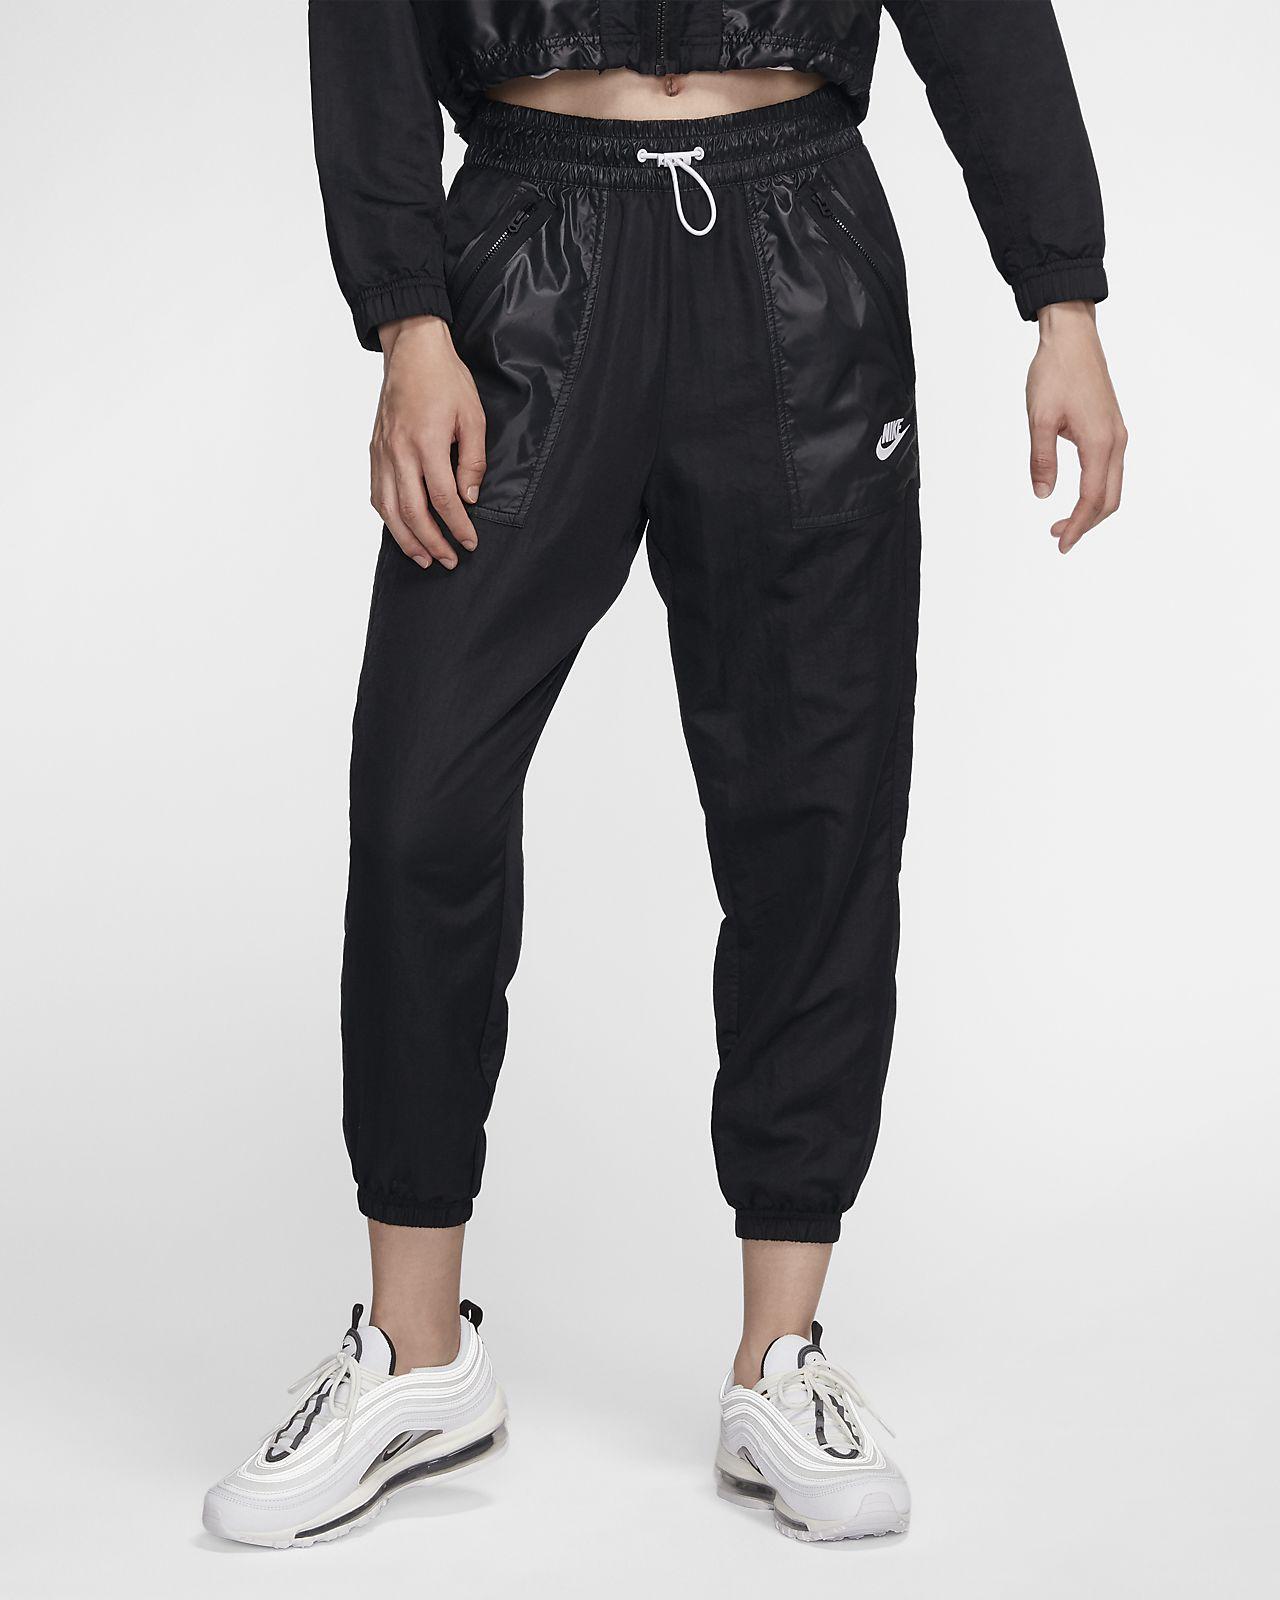 Nike Sportswear 女子梭织工装长裤